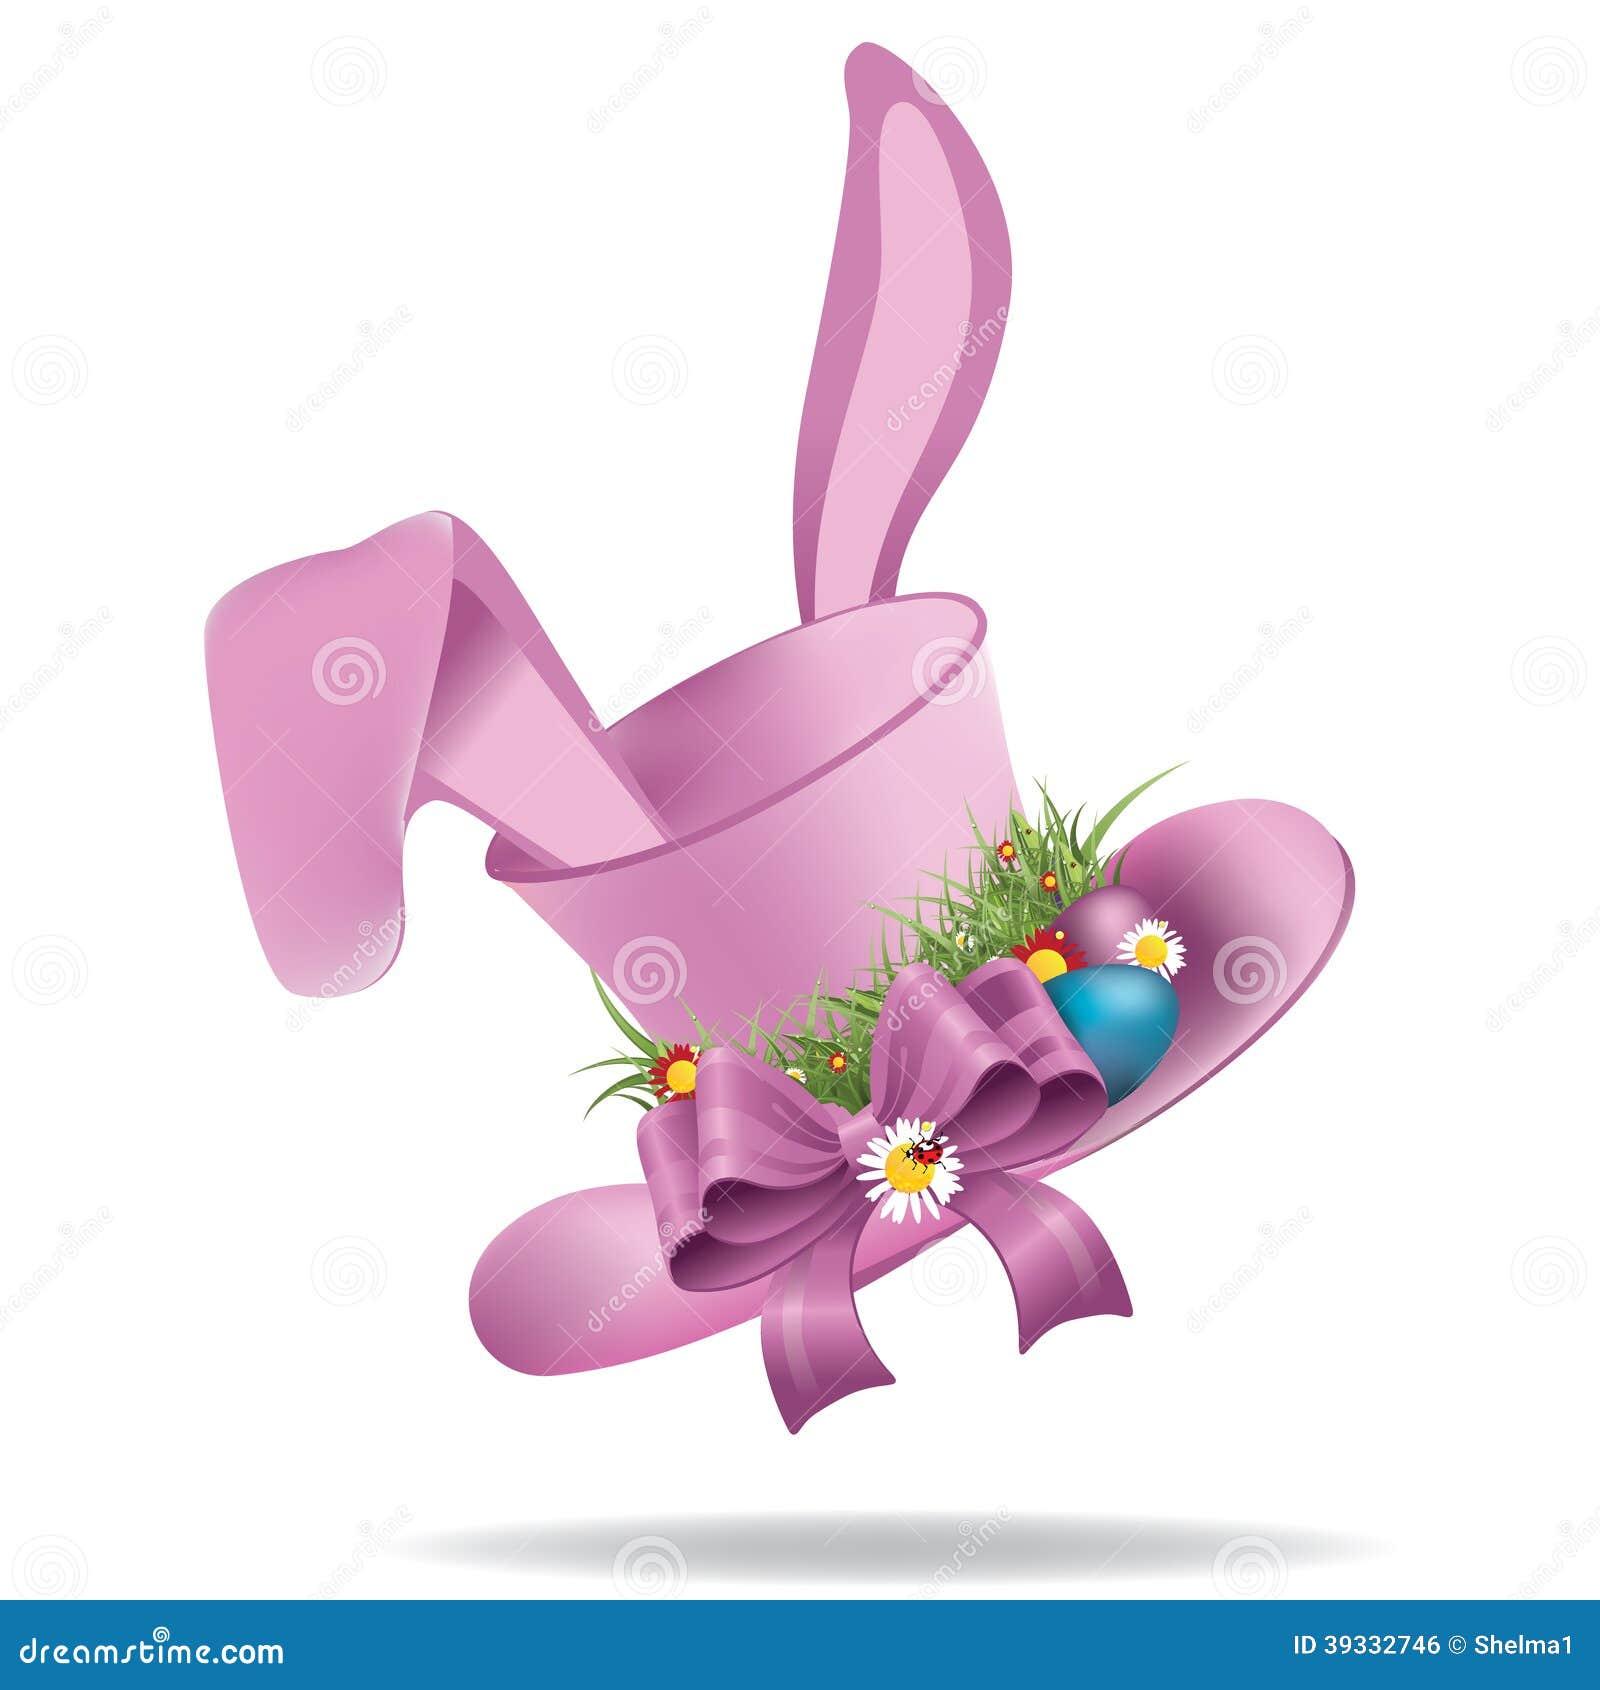 Easter Bonnet Clipart easter bonnet stock vector - image: 39332746